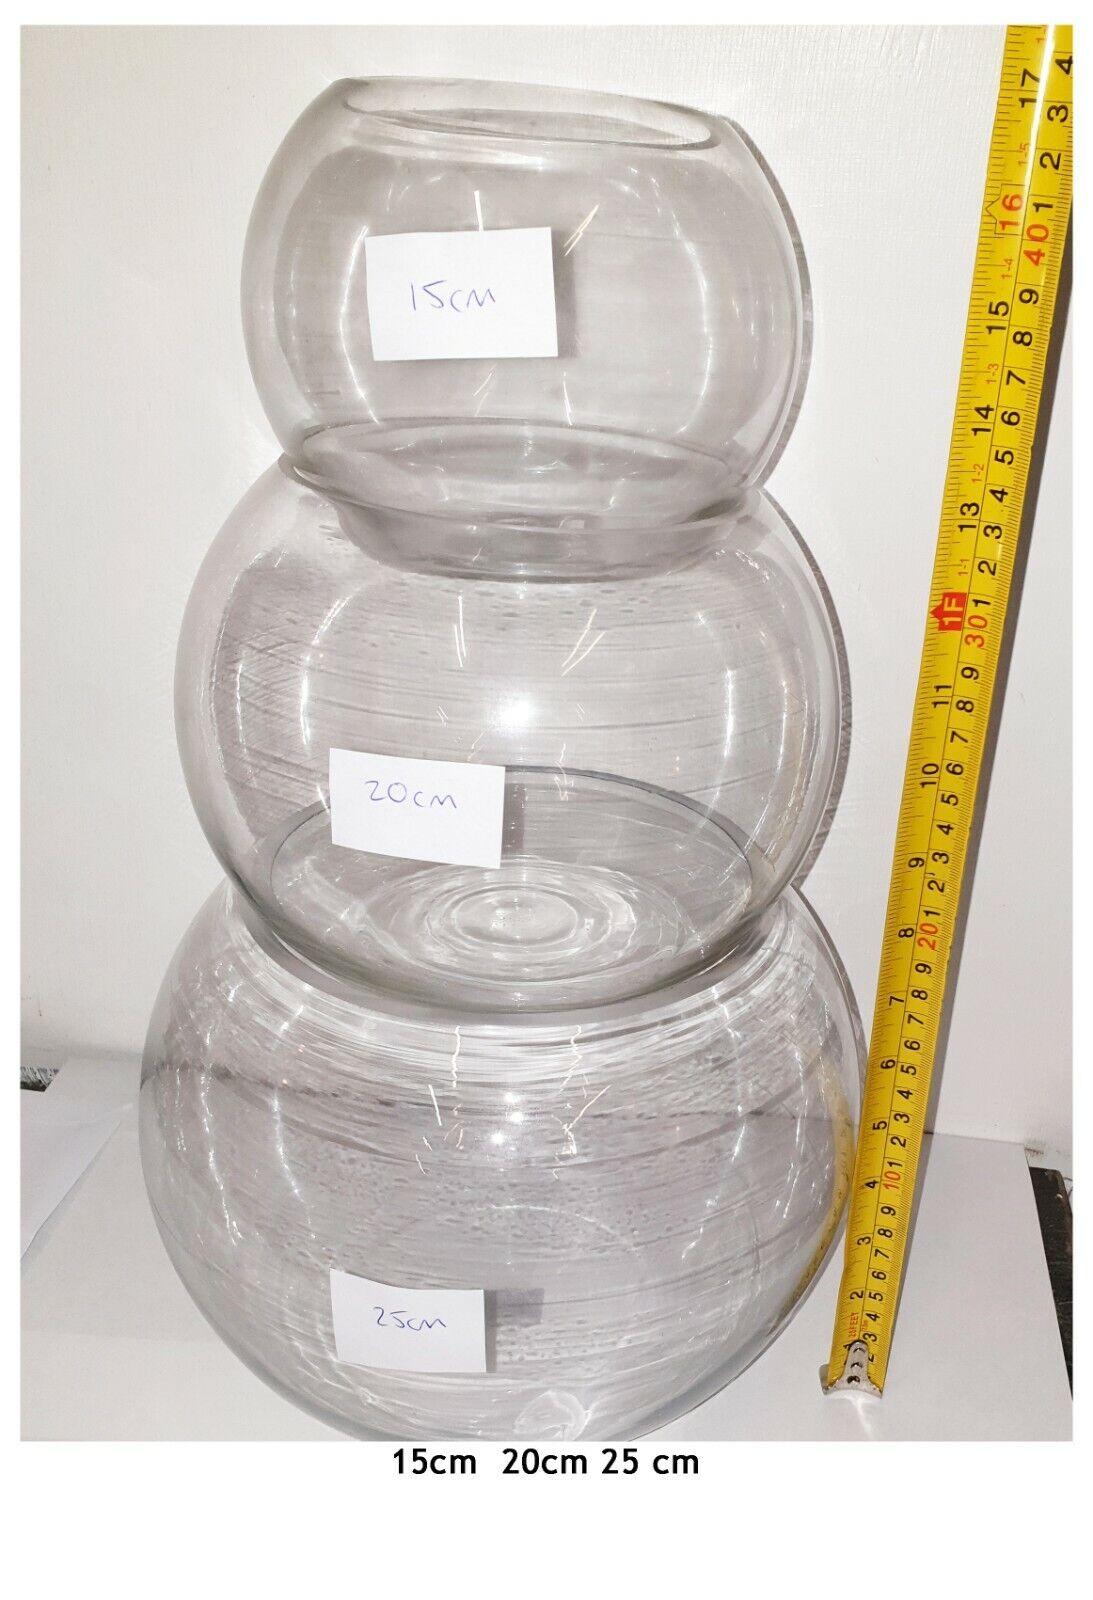 2 juegos de 3 tazones de fuente de pescado de vidrio para grandes Navidad Muñeco De Nieve De Adorno Con Nieve XL